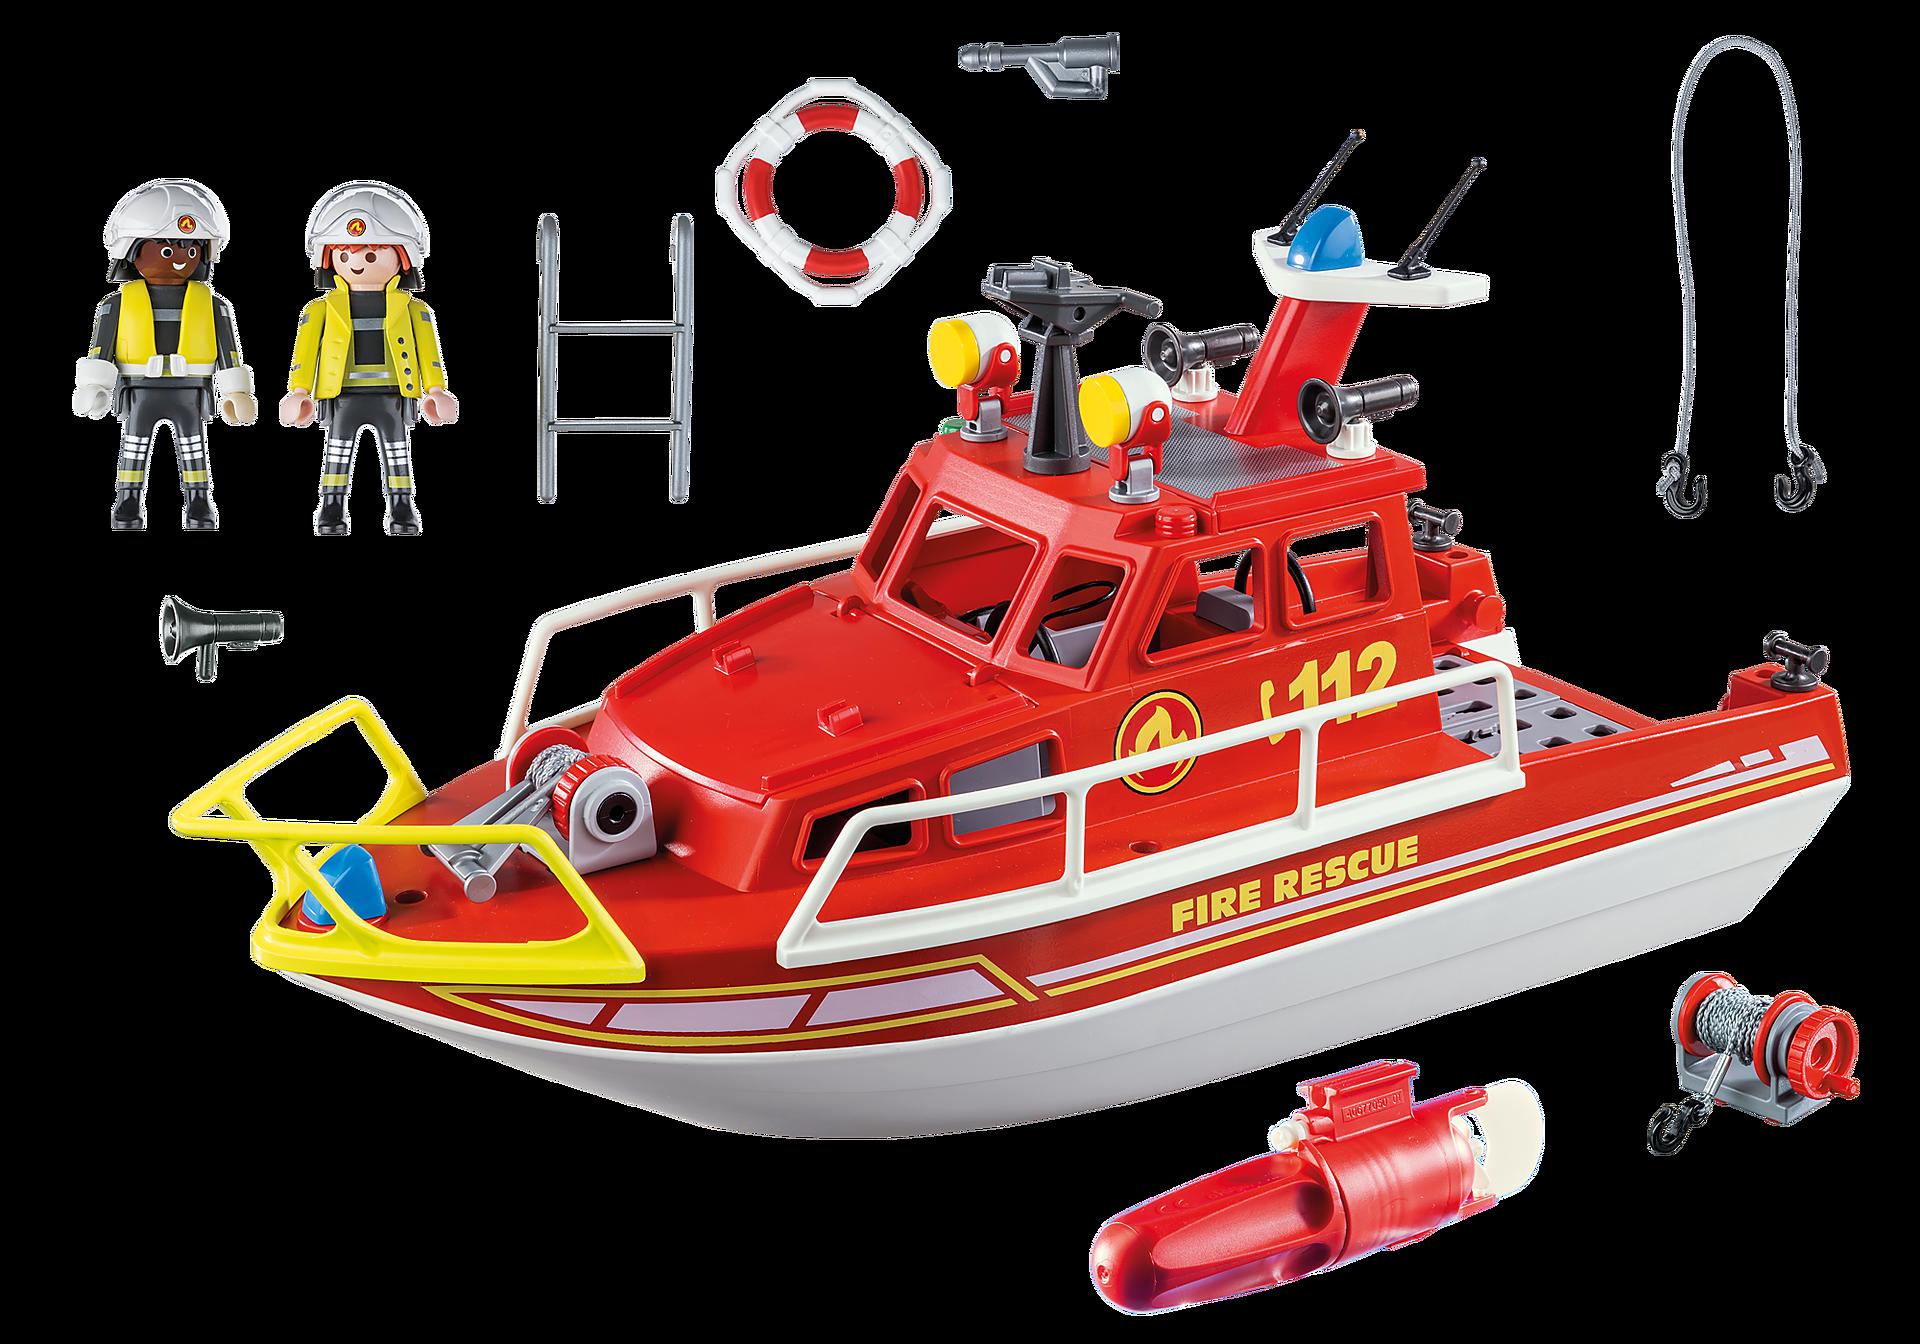 70147 Brandvæsenets redningsbåd zoom image3